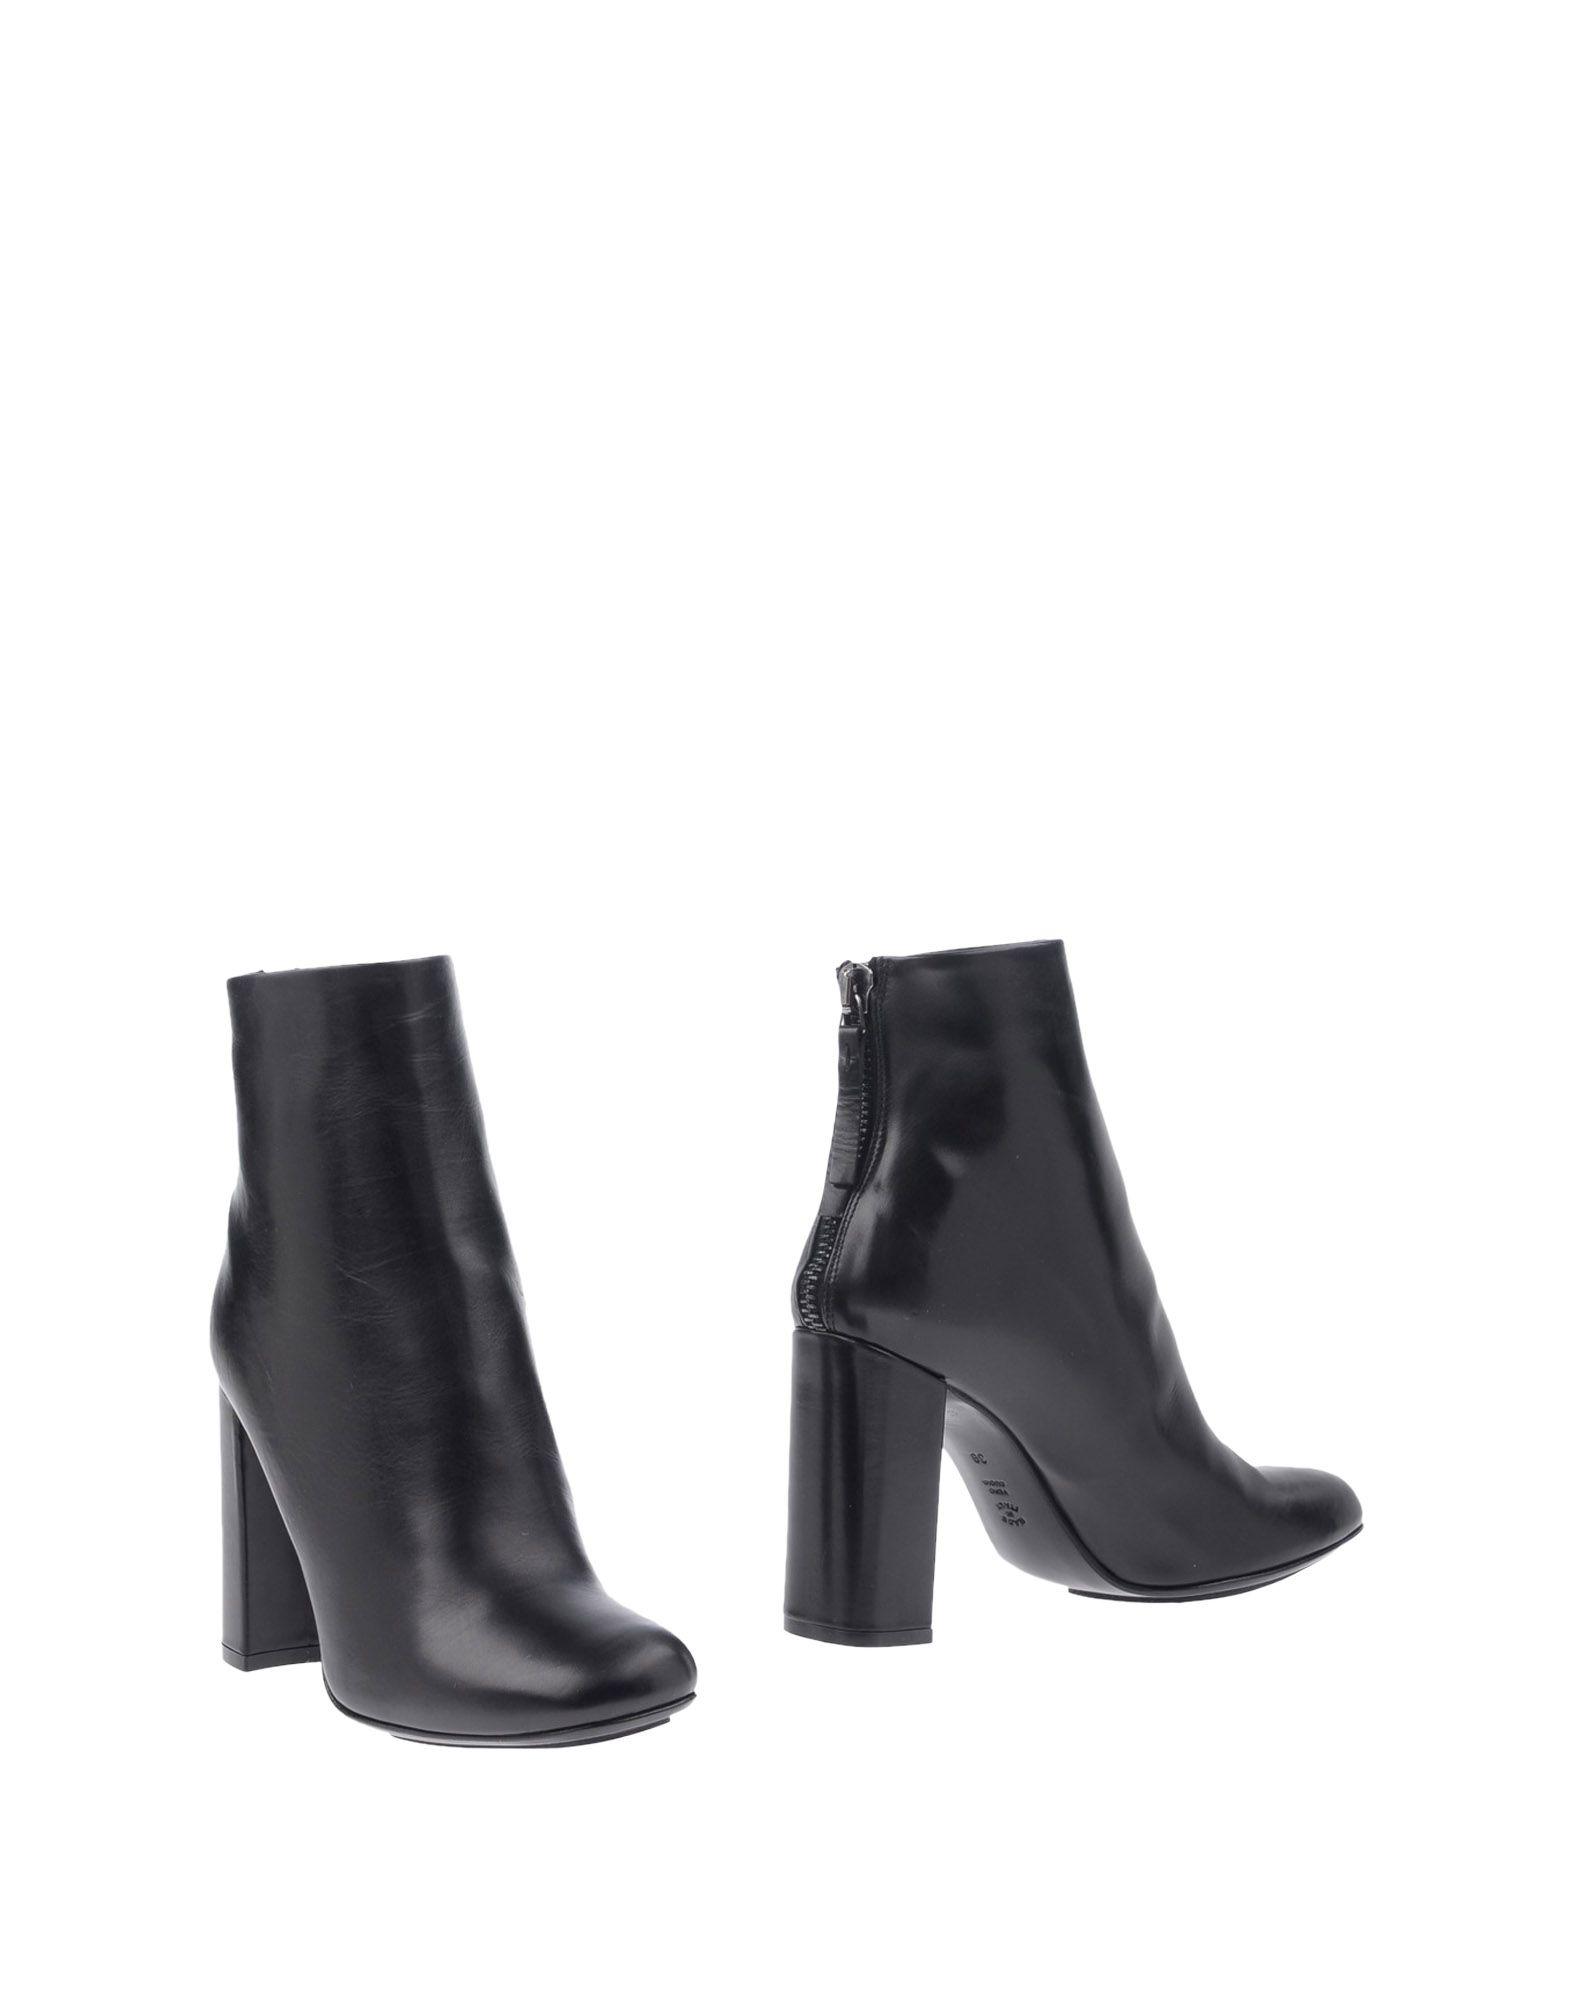 Gentryportofino Stiefelette Damen  11286917CIGut aussehende strapazierfähige Schuhe